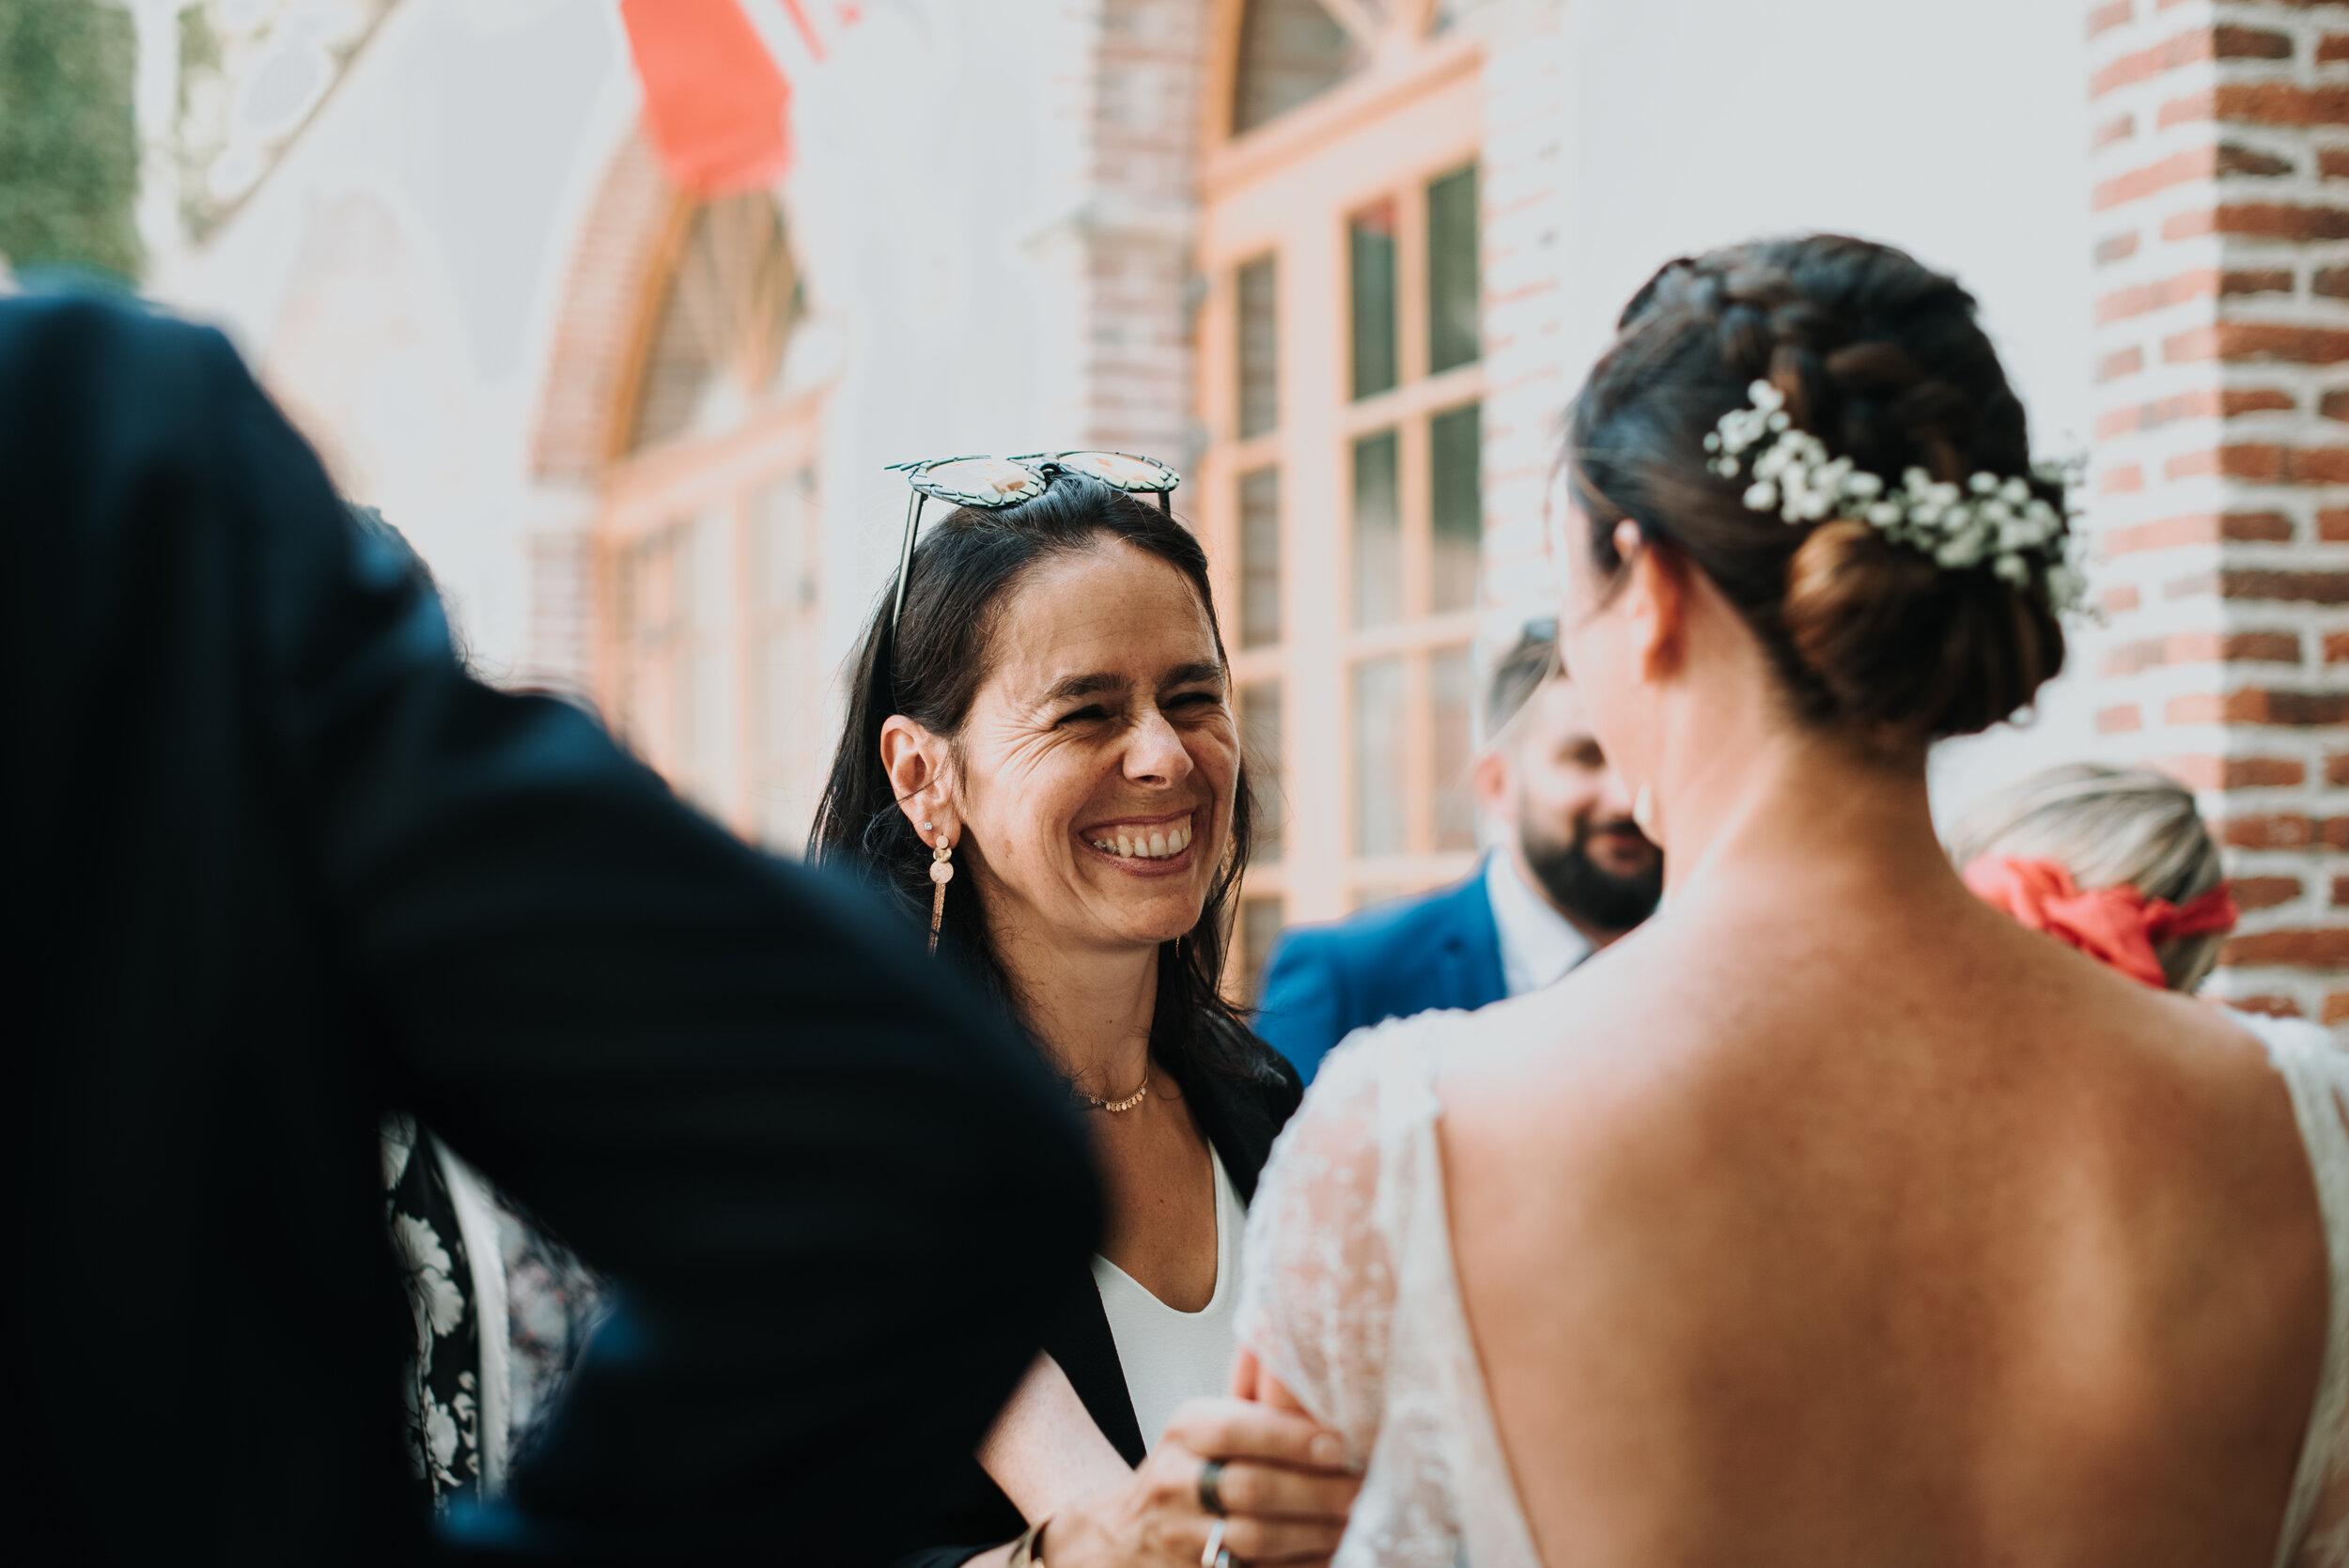 Léa-Fery-photographe-professionnel-Bretagne-portrait-creation-mariage-evenement-evenementiel-famille-1210.jpg